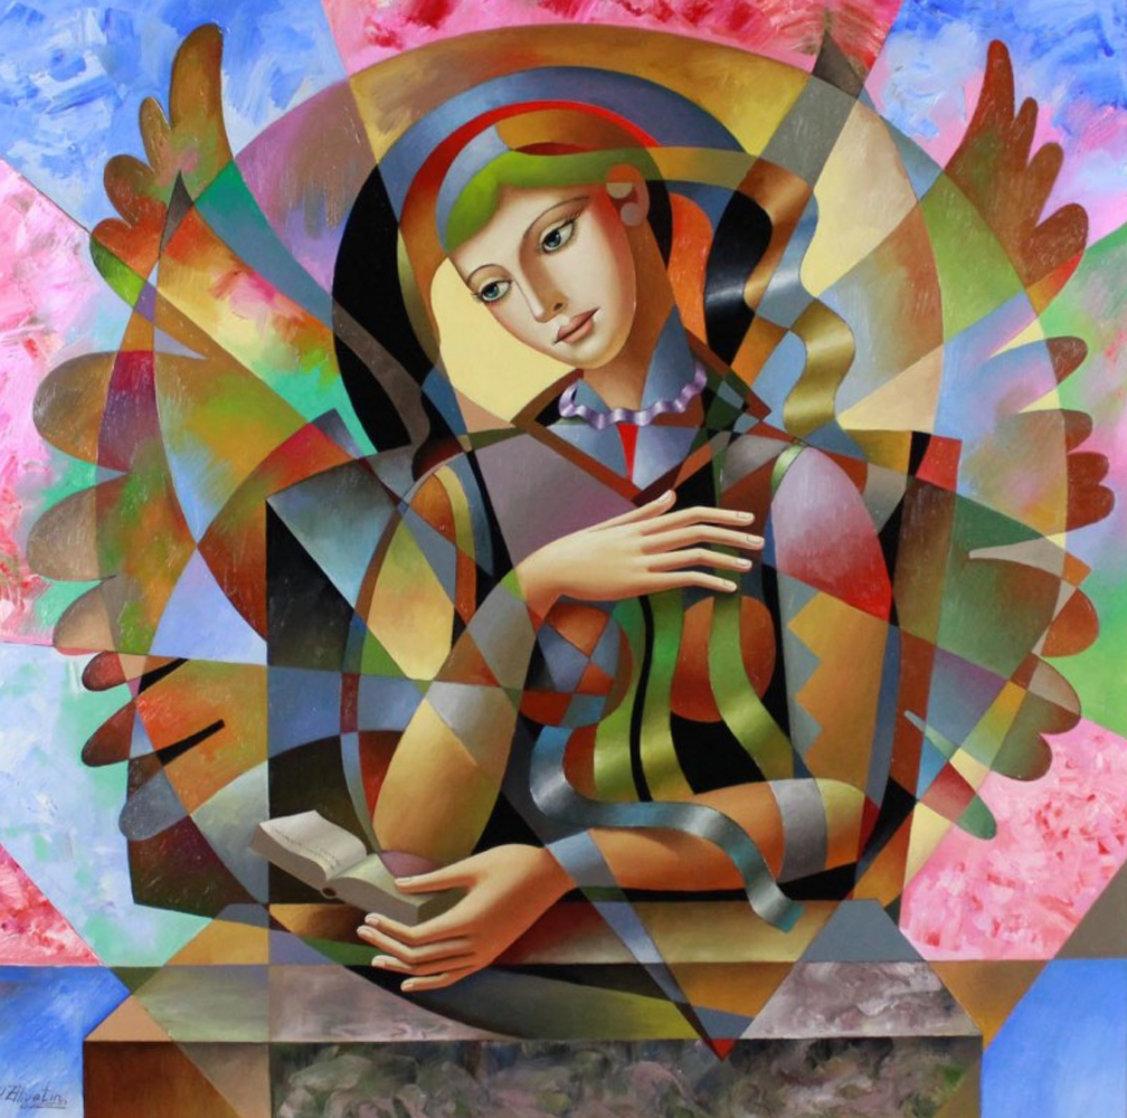 Poetry 2015 49x49 Super Huge Original Painting by Oleg Zhivetin